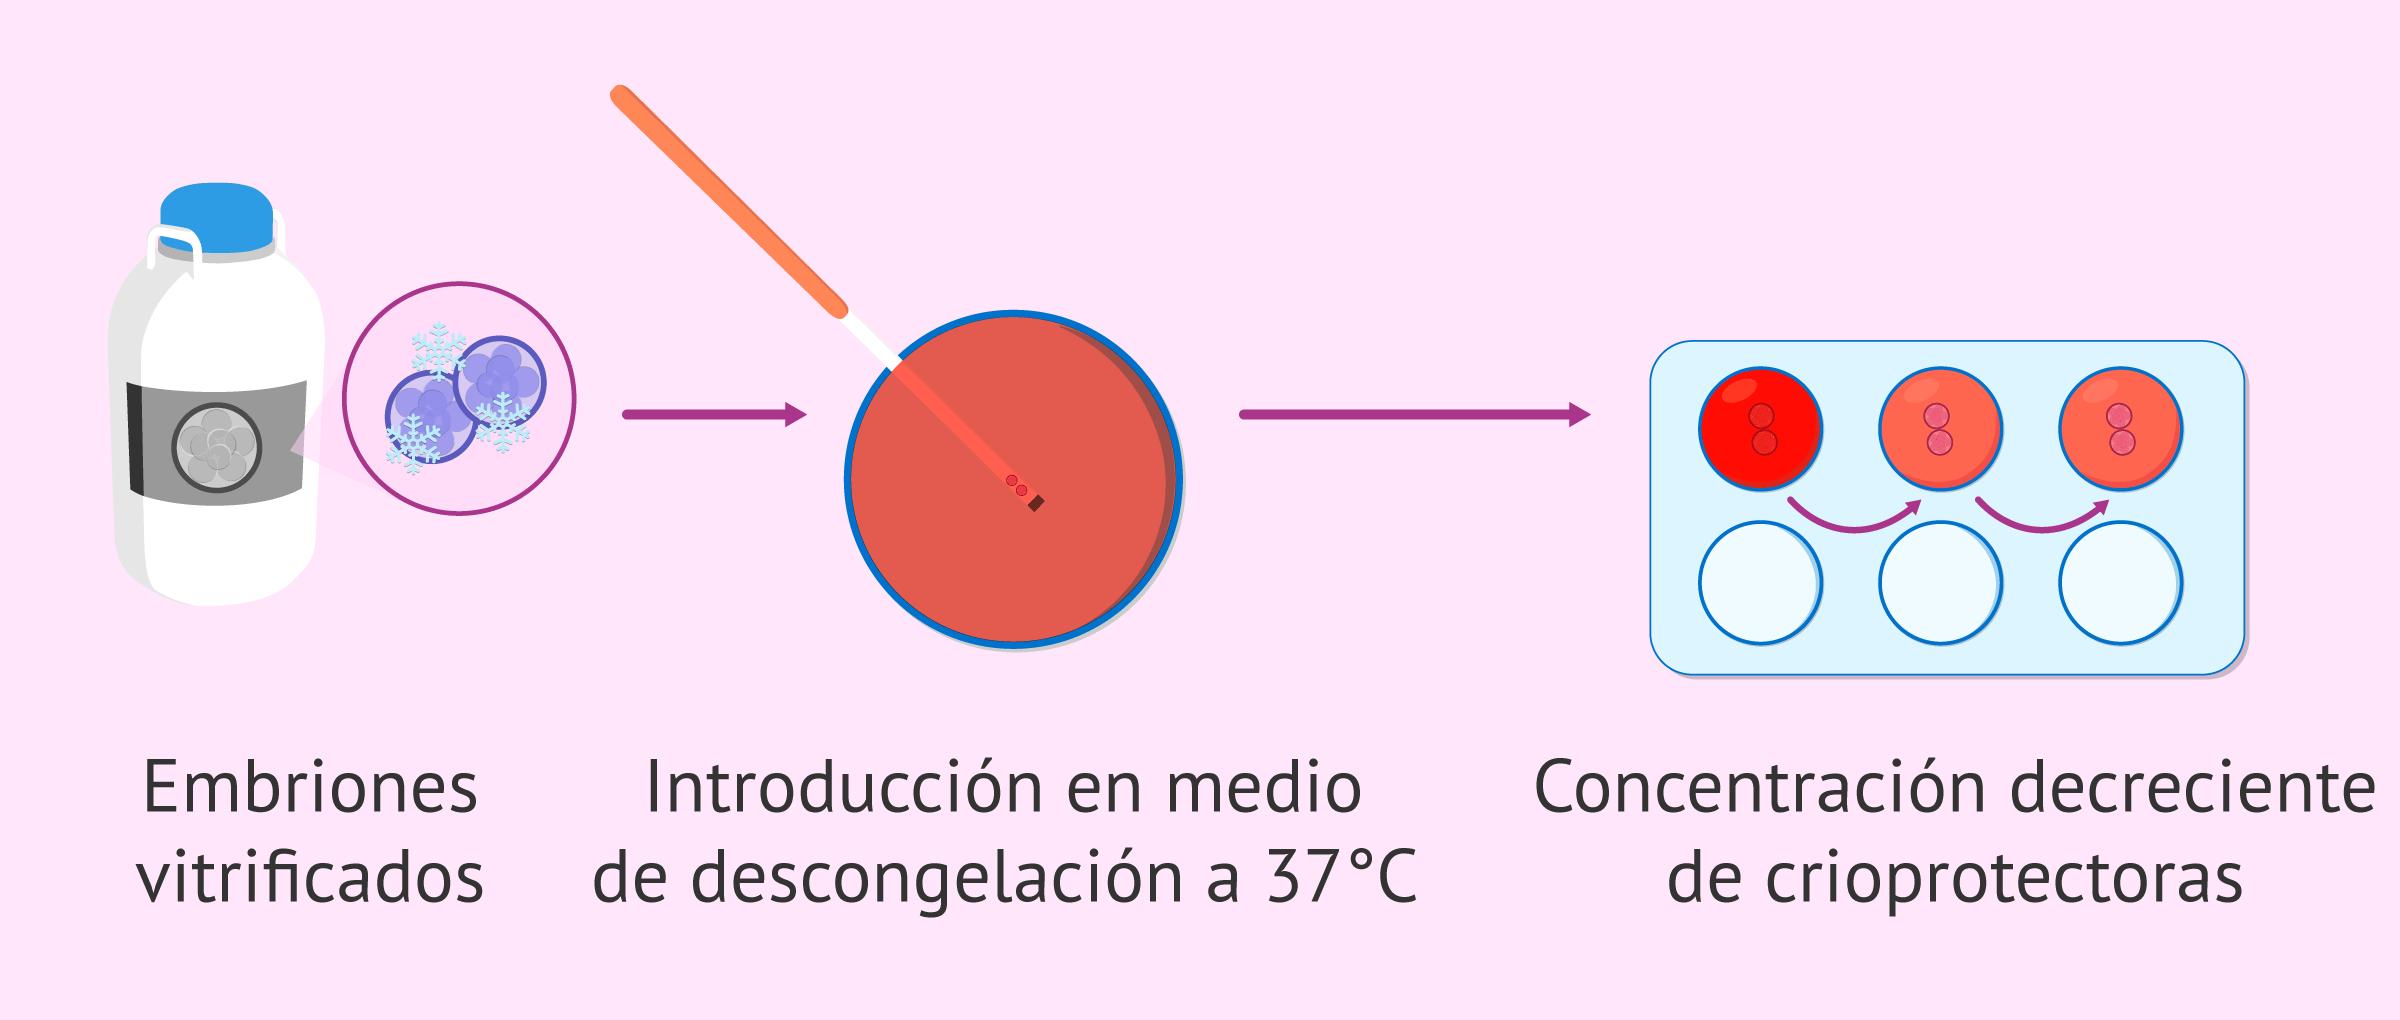 Proceso de desvitrificación de embriones